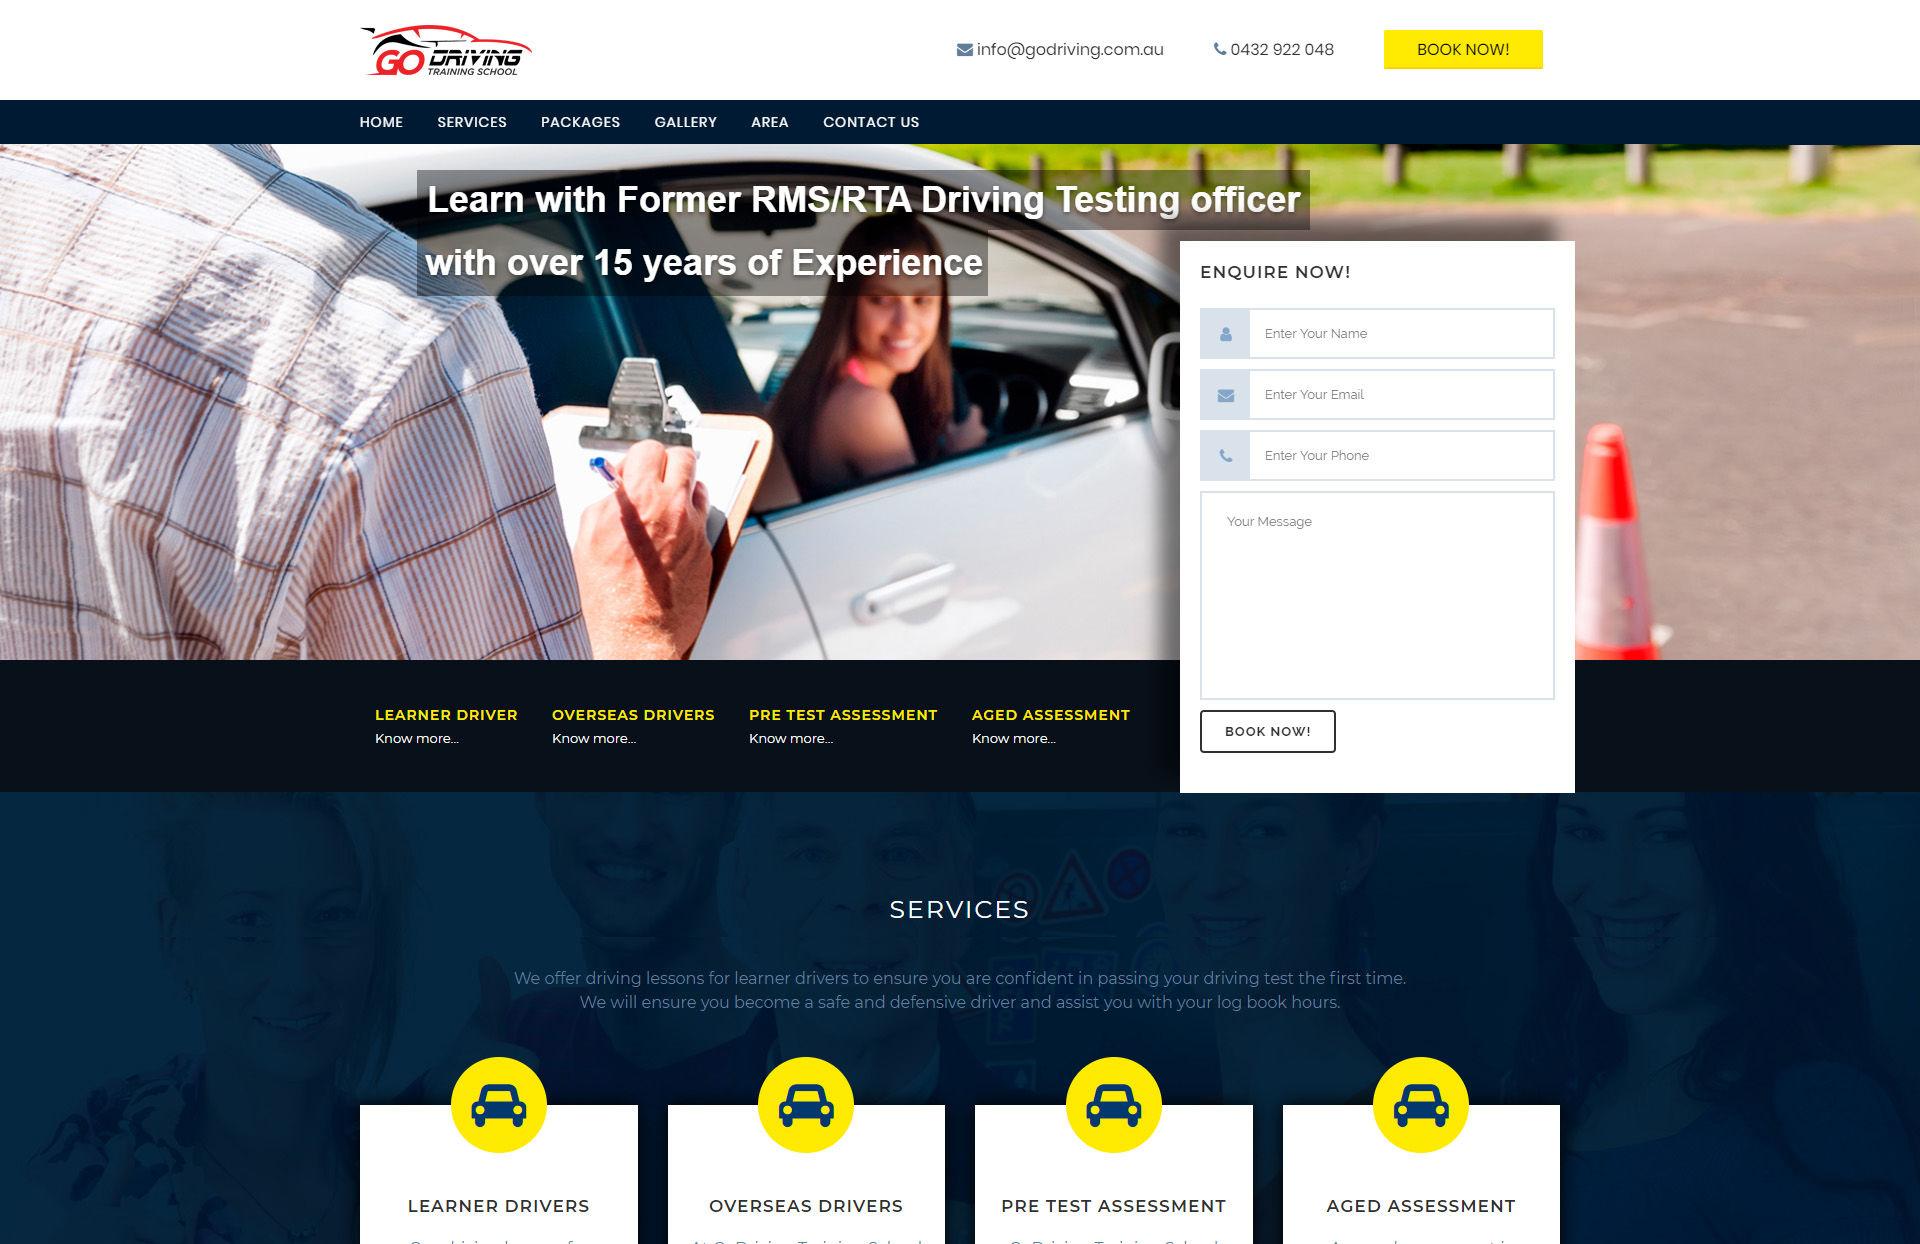 Go Driving - WebGlobals